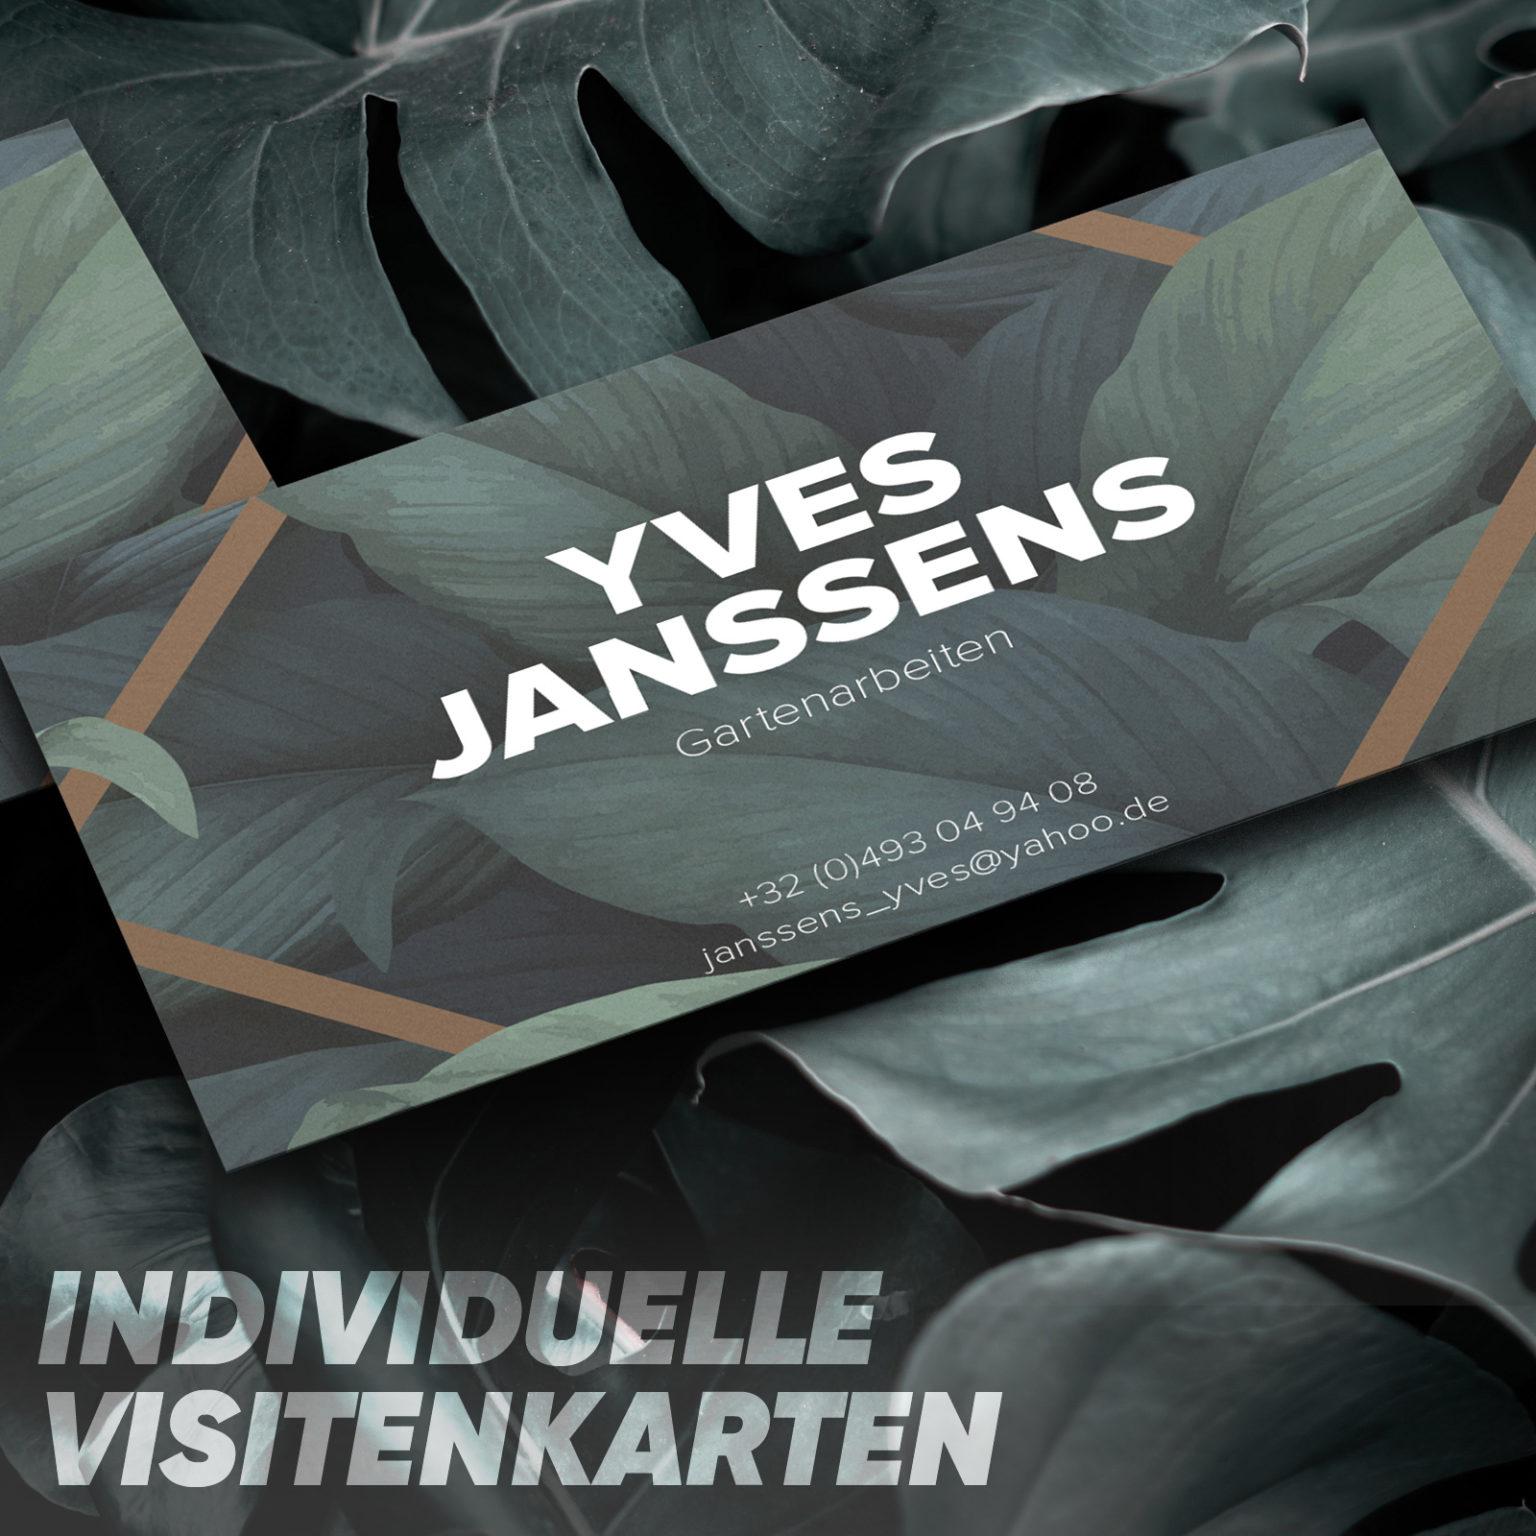 Visitenkarte Yves Janssens